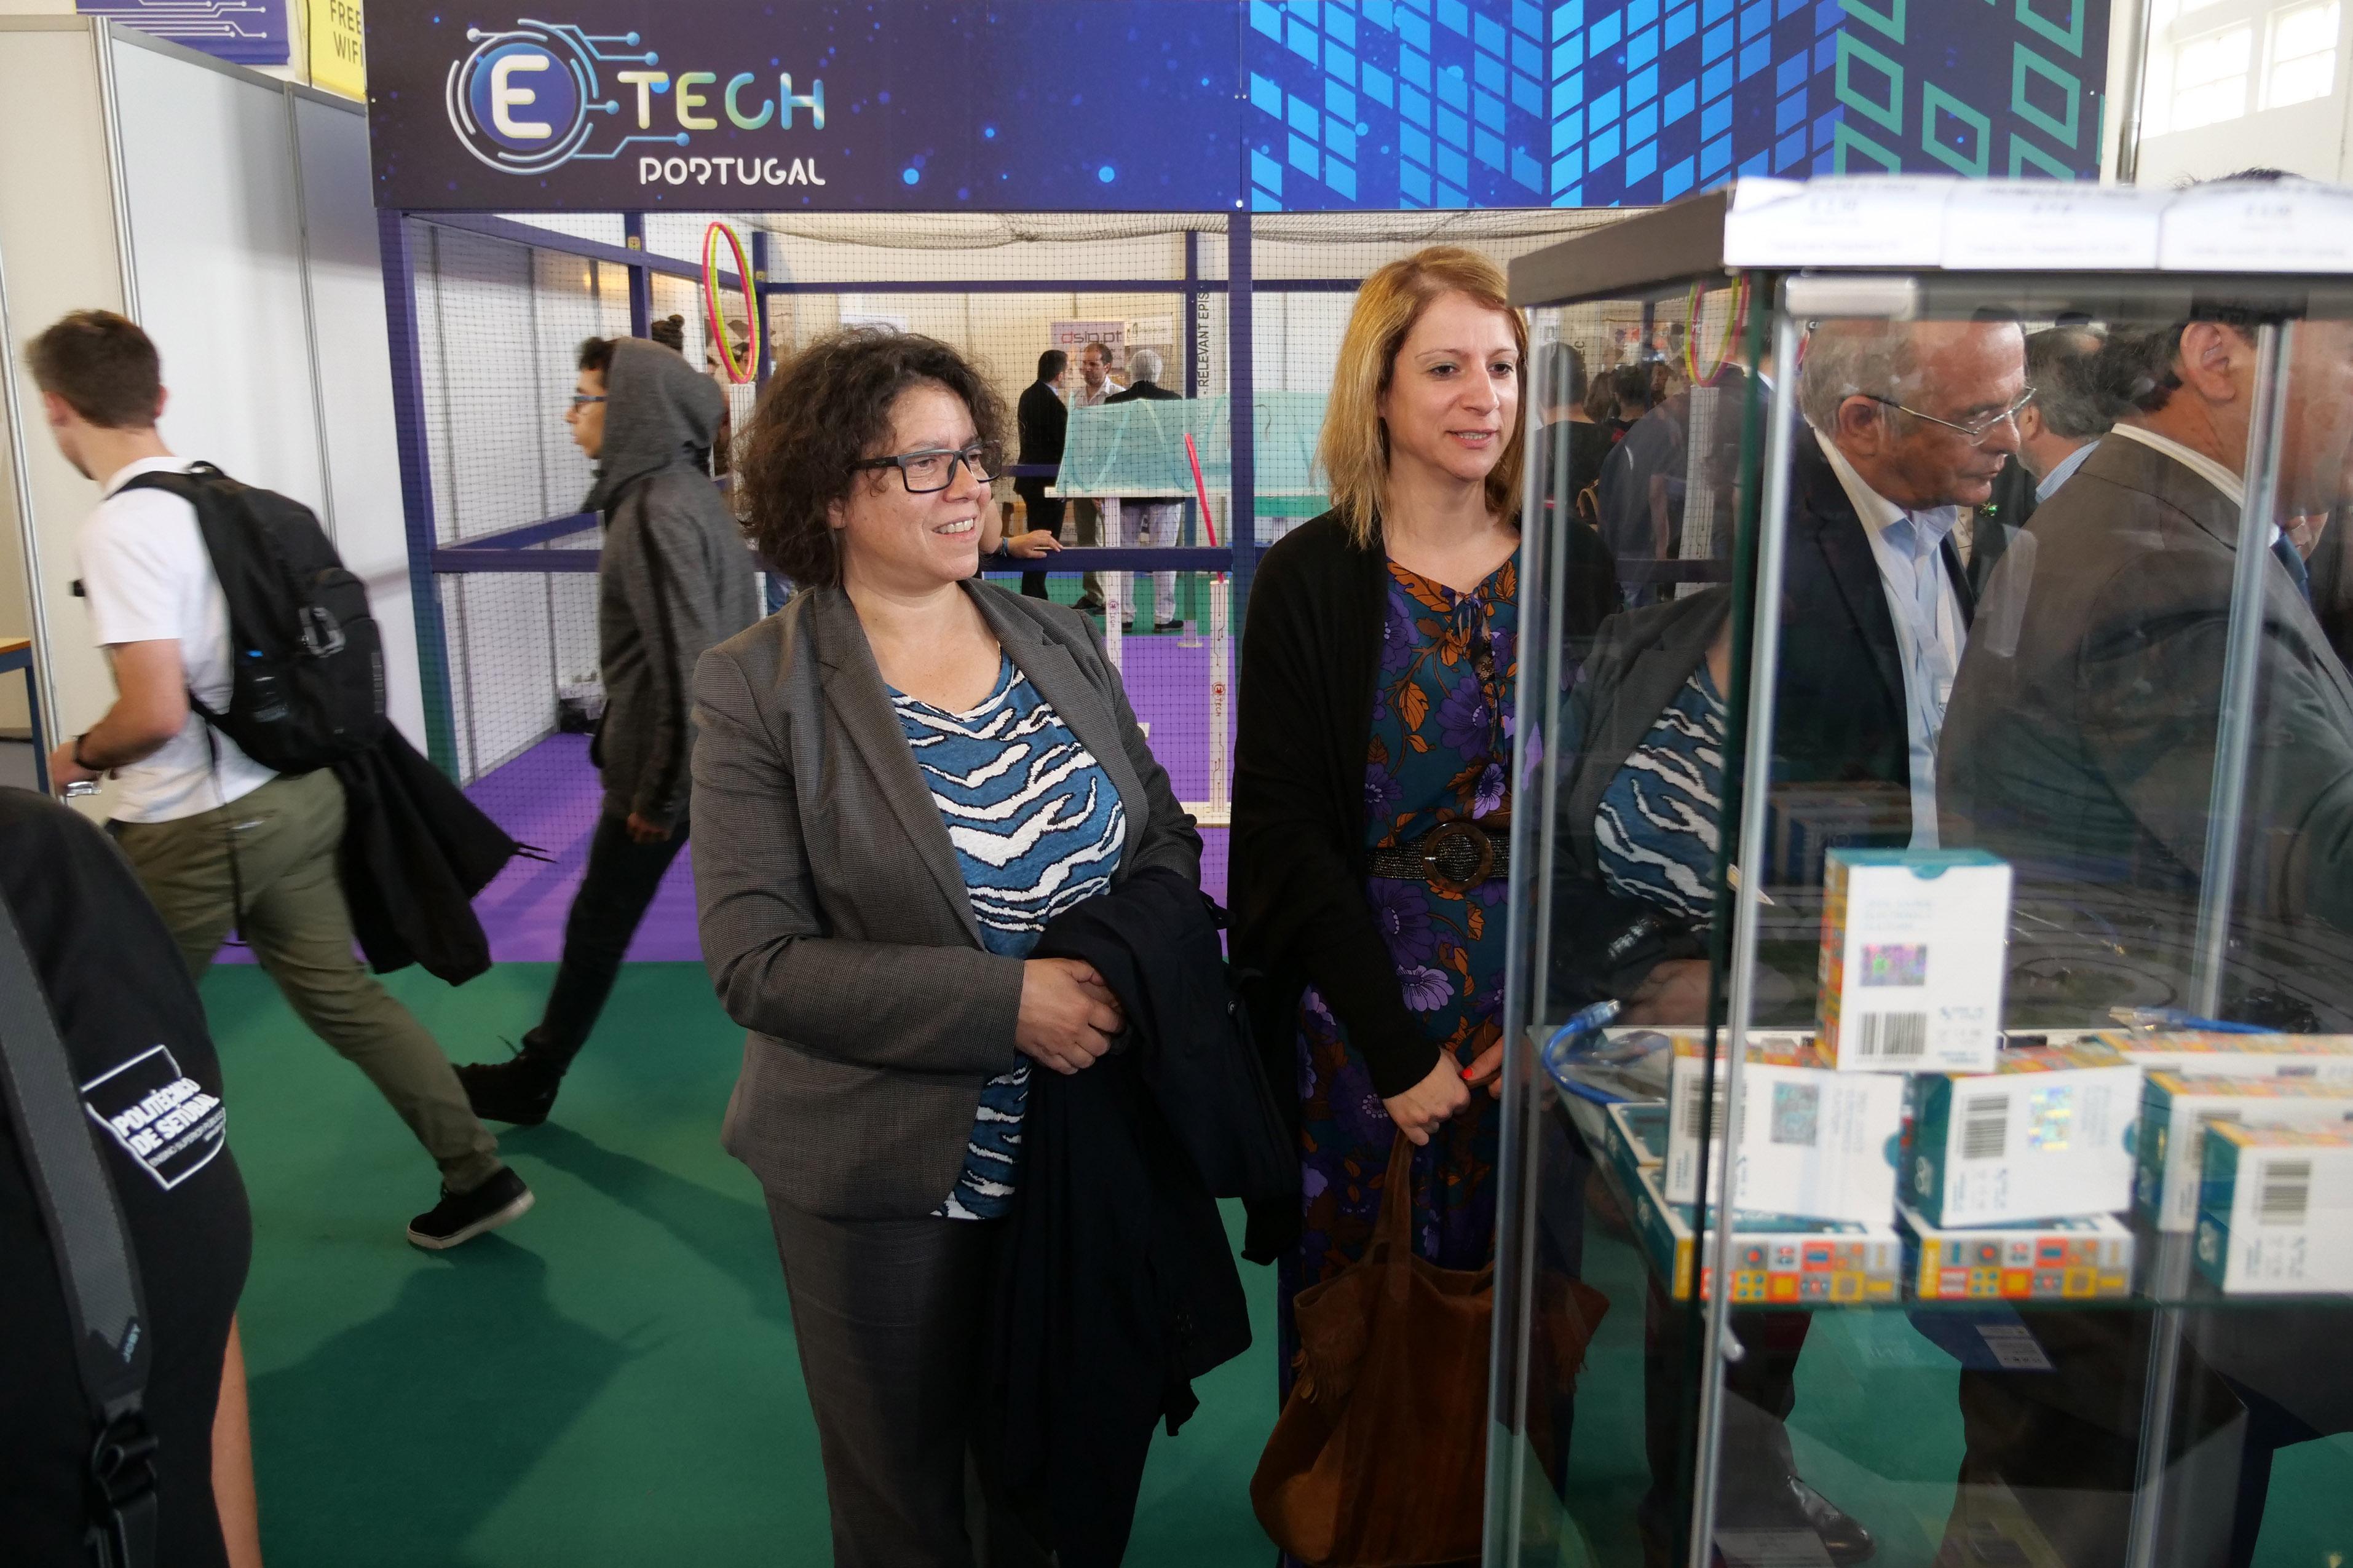 E-Tech 2019